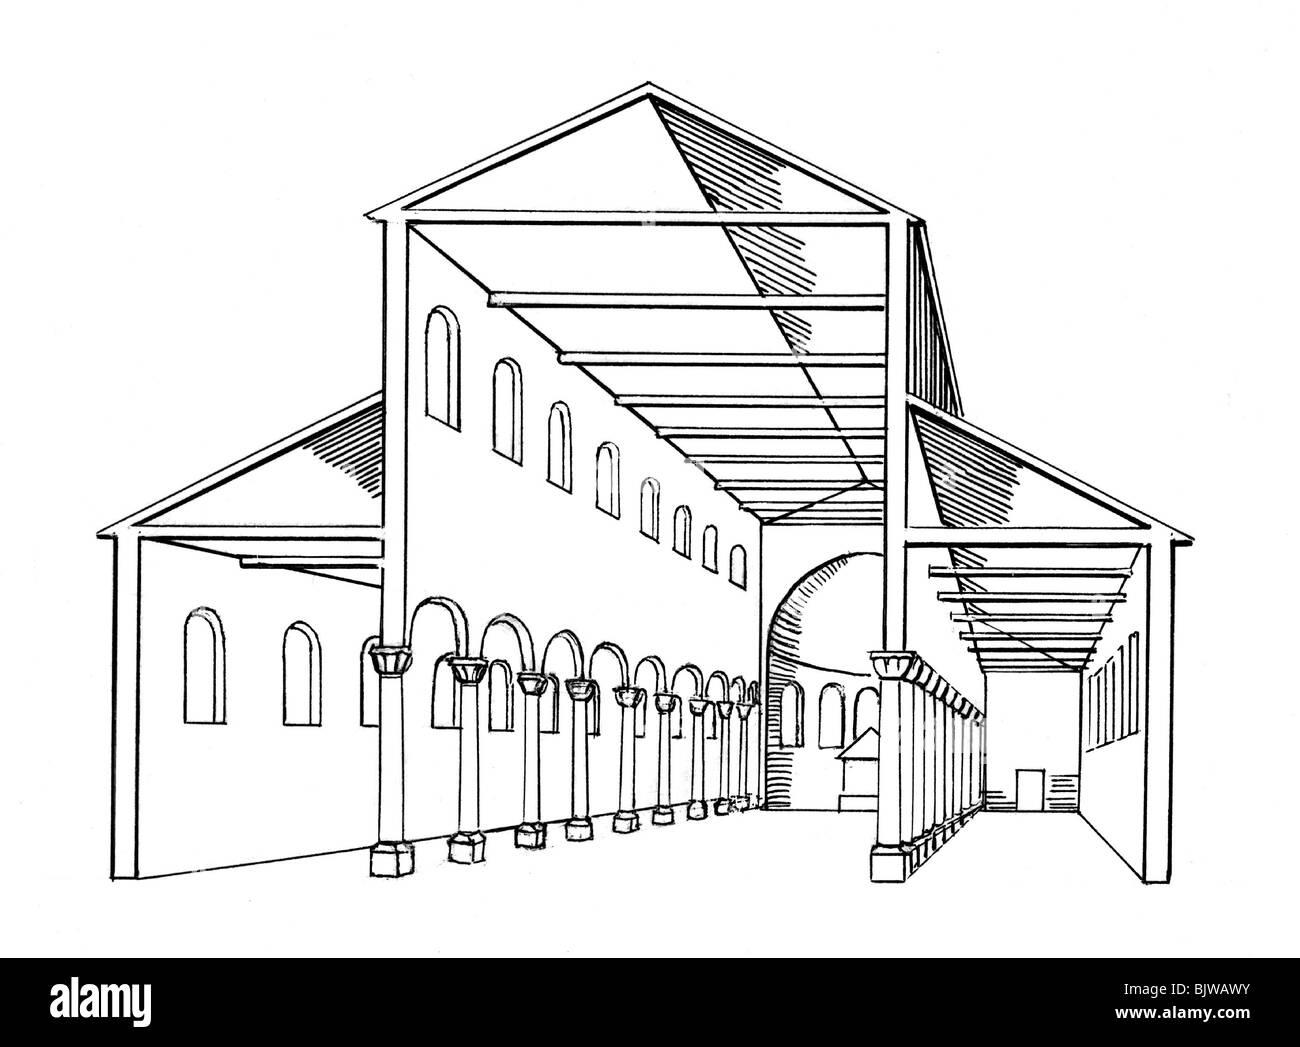 Architektur Grundriss Querschnitt Einer R 246 Mischen